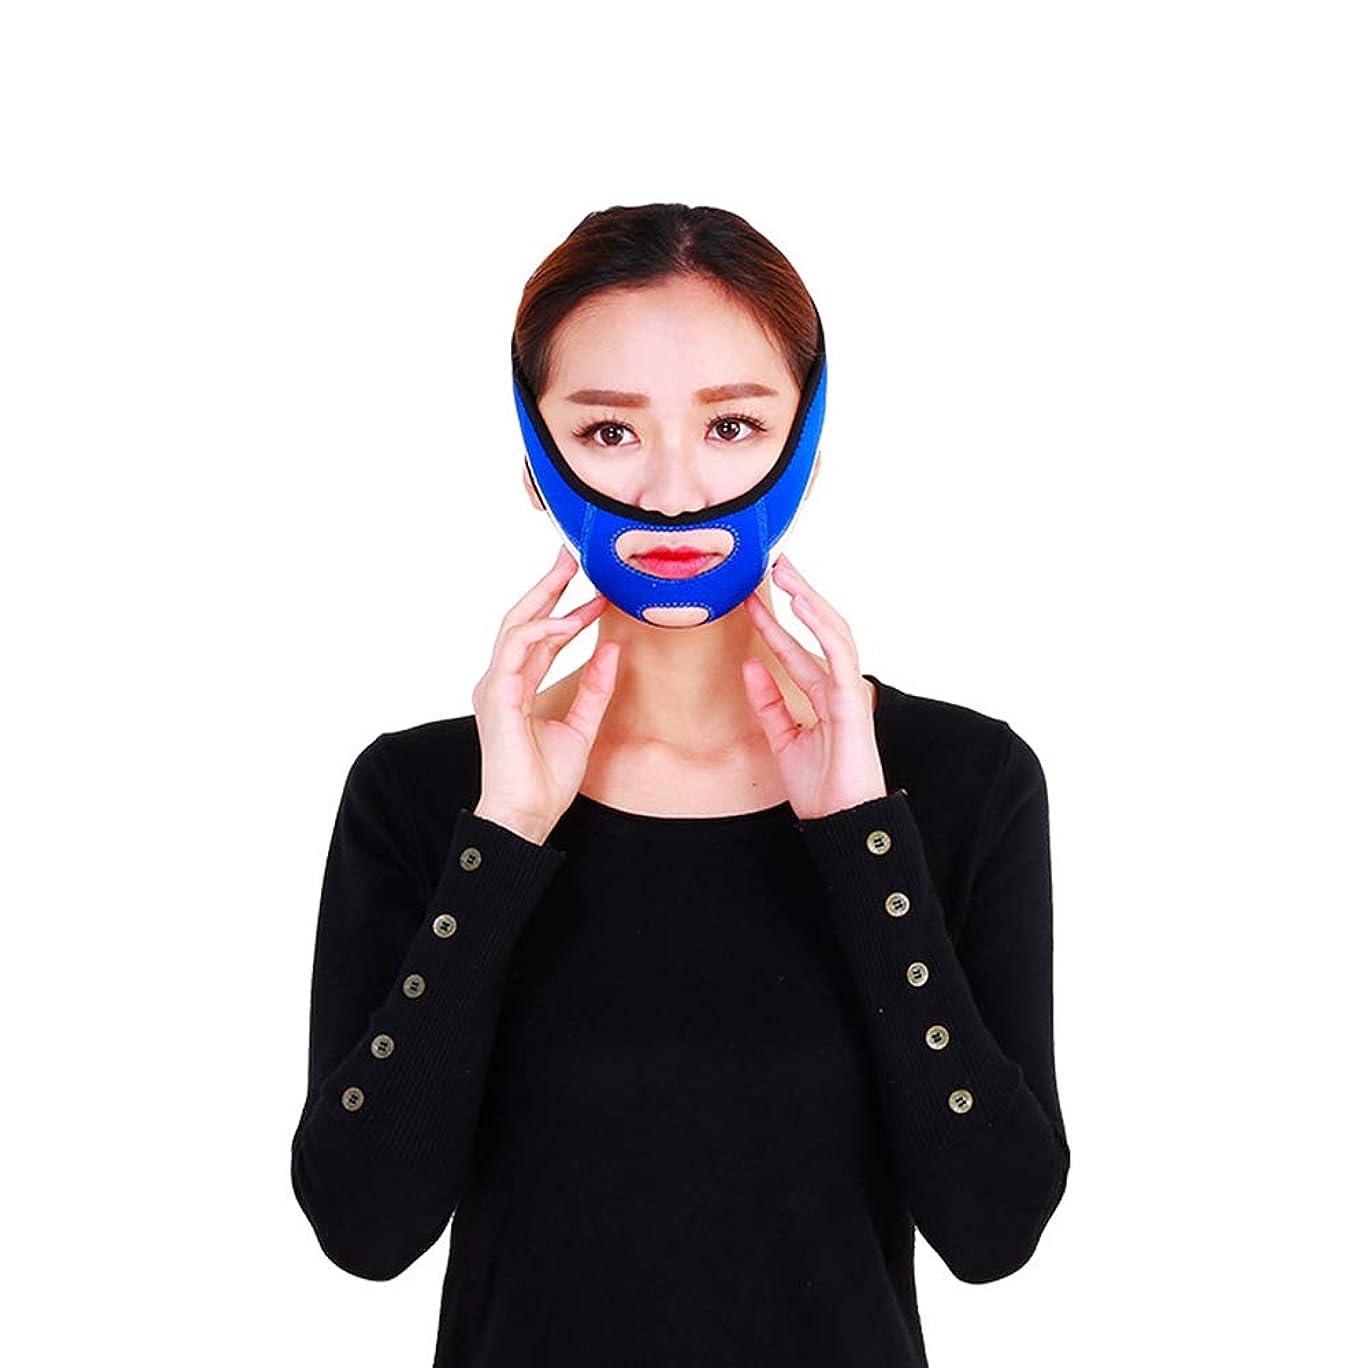 限りなくユダヤ人危機顔を持ち上げるベルト - 顔を持ち上げる包帯は、上顎顔面修正ツールを強力に強化し、顔面マスクのV字形の人工物 美しさ